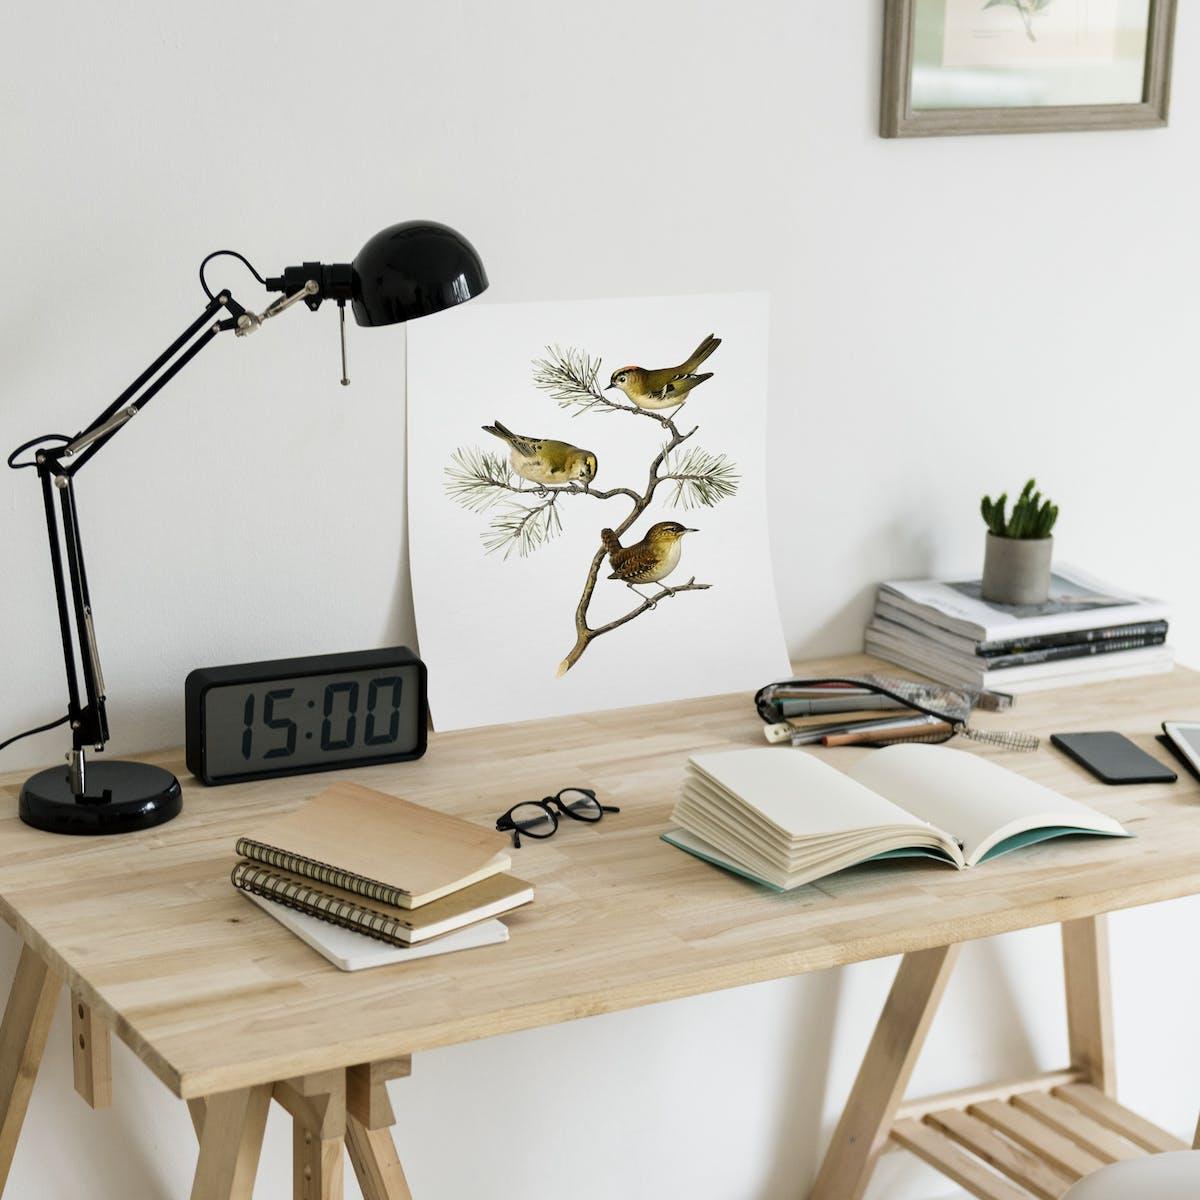 Titelbild-5-Stunden-Tag-Homeoffice-Home-Office-Schreibtisch-15-Uhr-Feierabend-pixabay-3289270-rawpixel